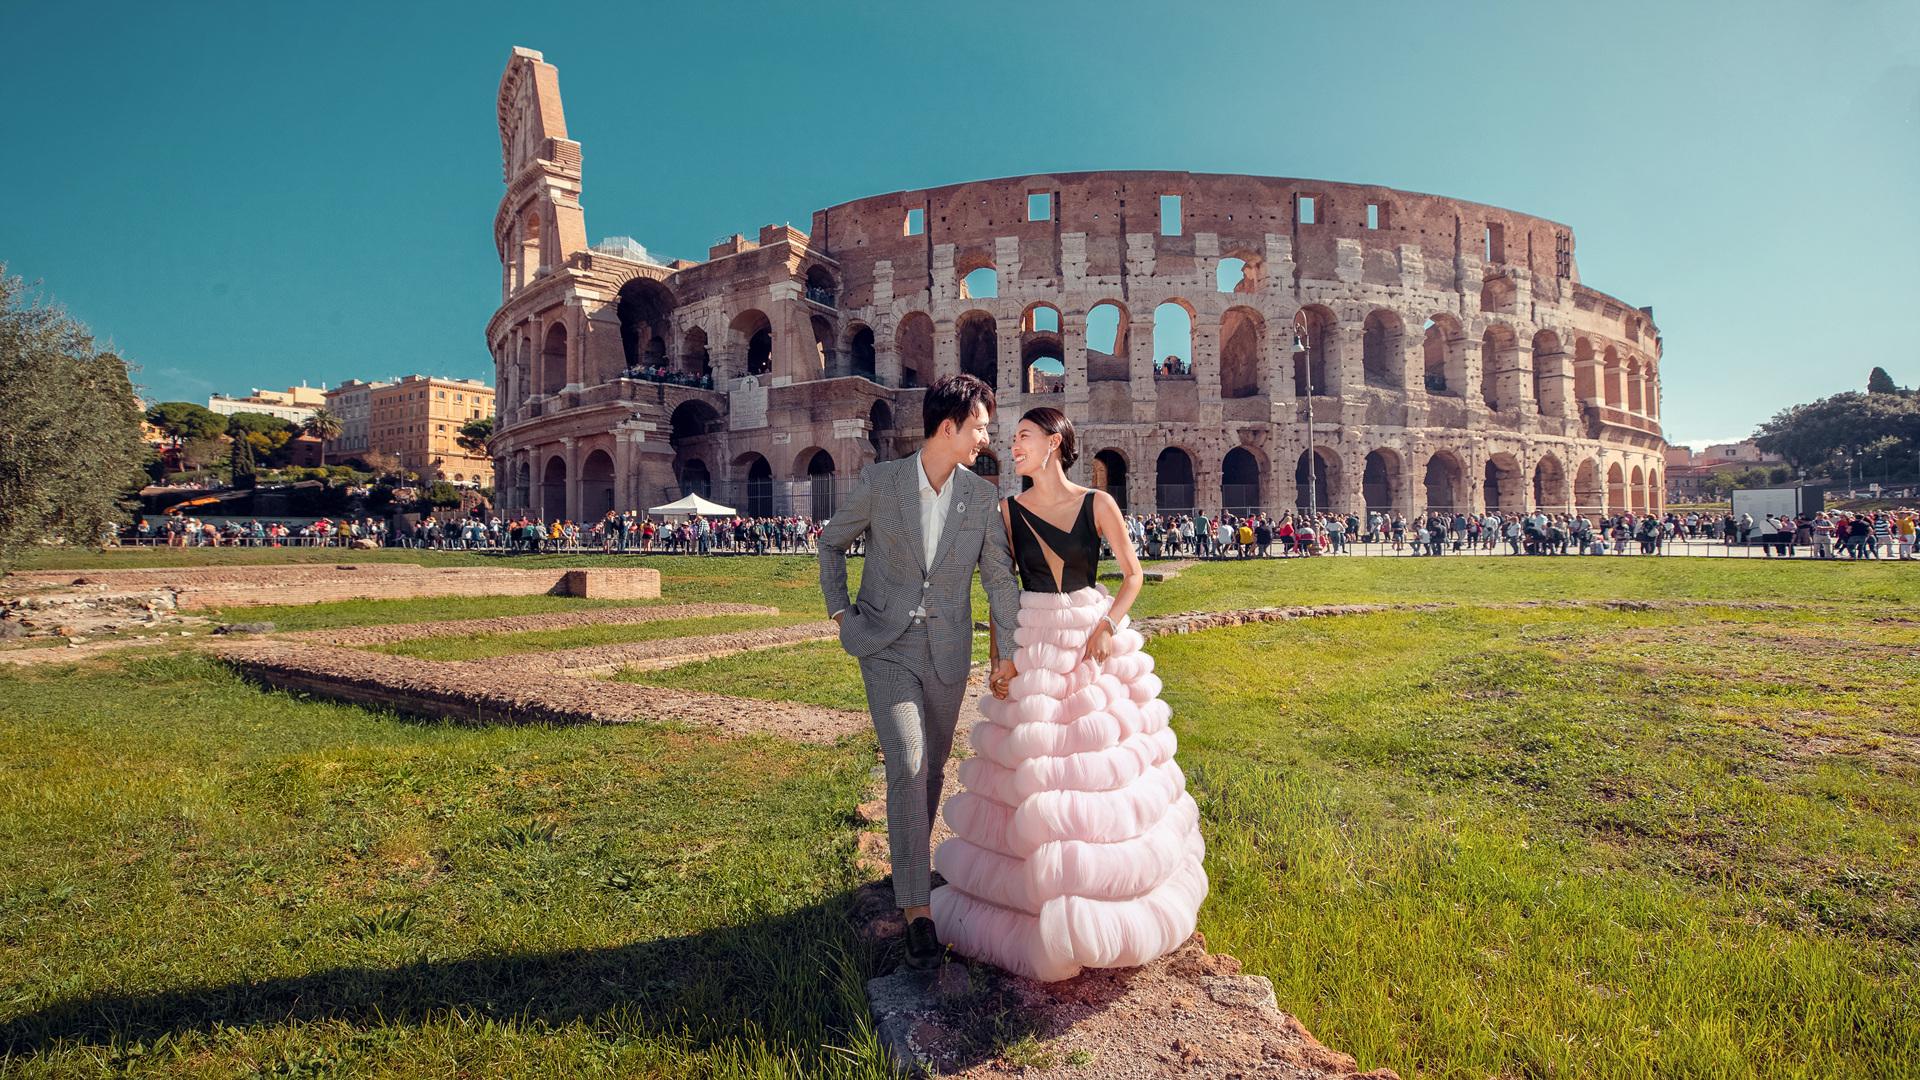 婚纱照拍摄姿势怎么做 厦门婚纱照拍摄姿势分享